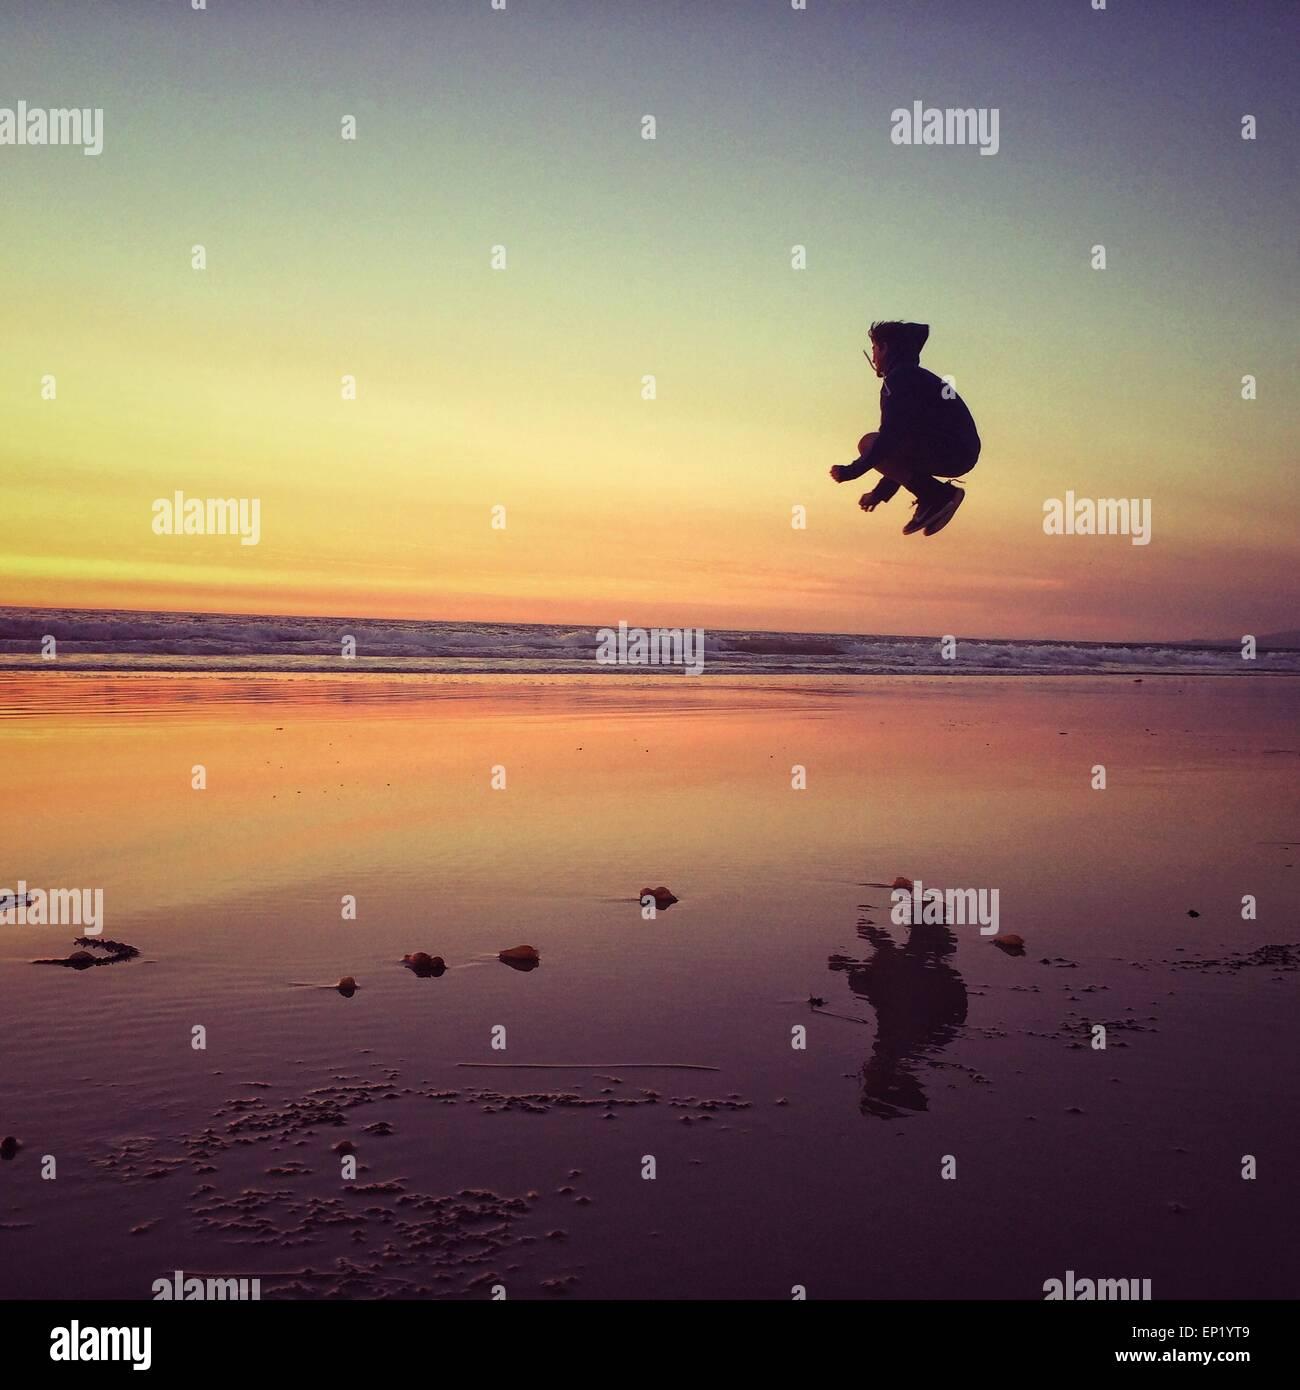 Junge am Strand springen Stockbild